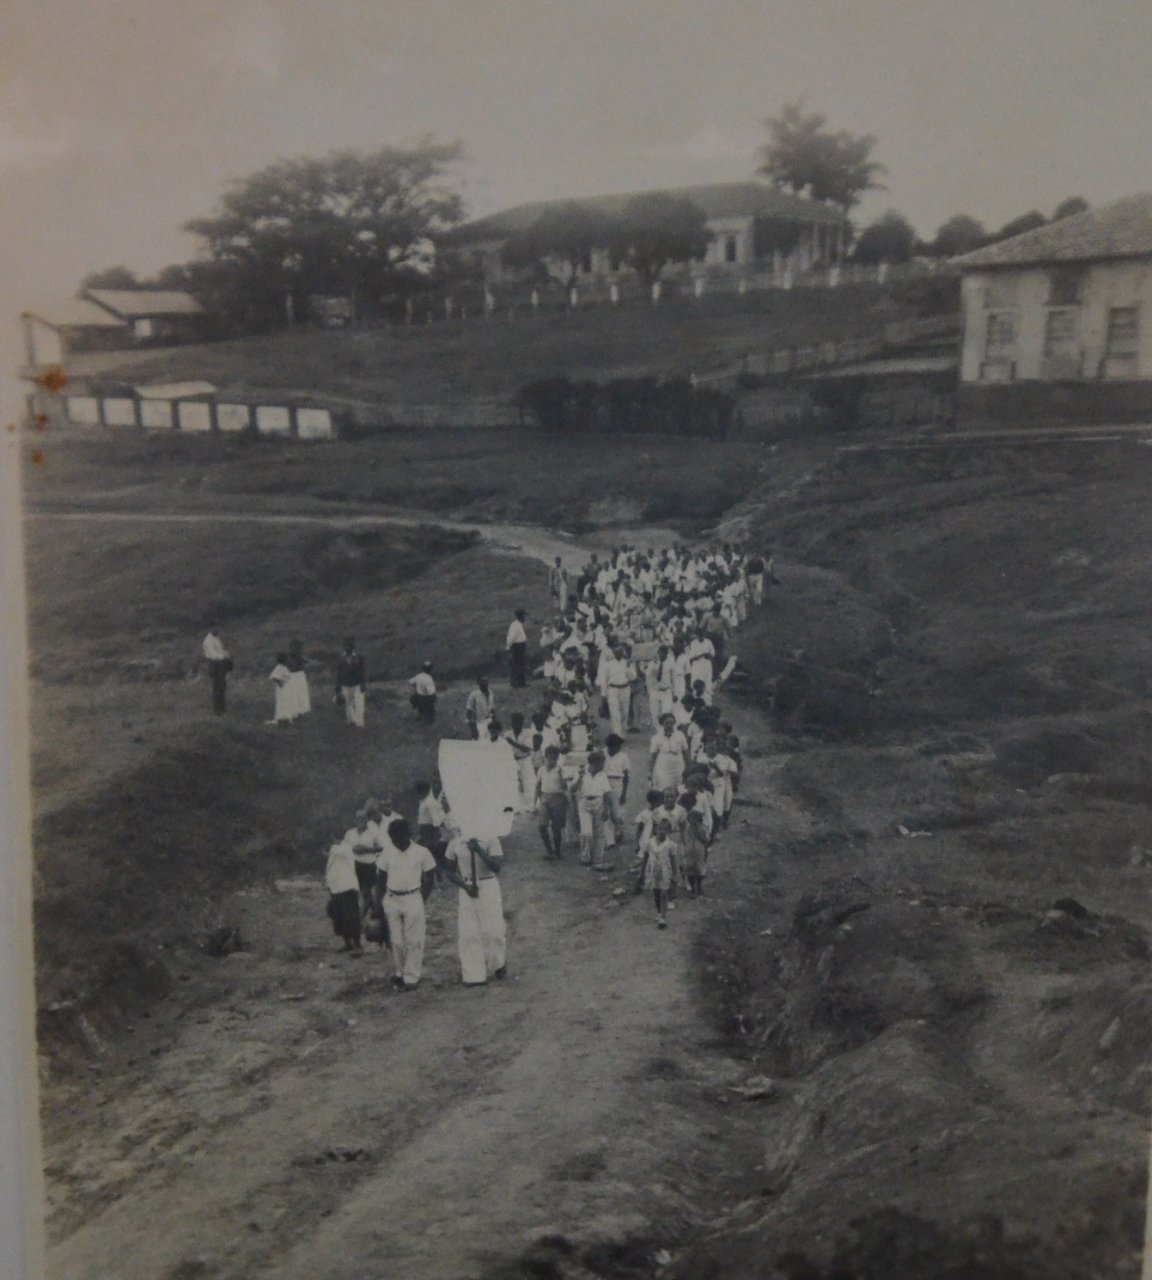 Na Fazenda Capim Fino de propriedade da família aconteciam as procissões, em tempo de seca, pedindo chuva, na década de 30